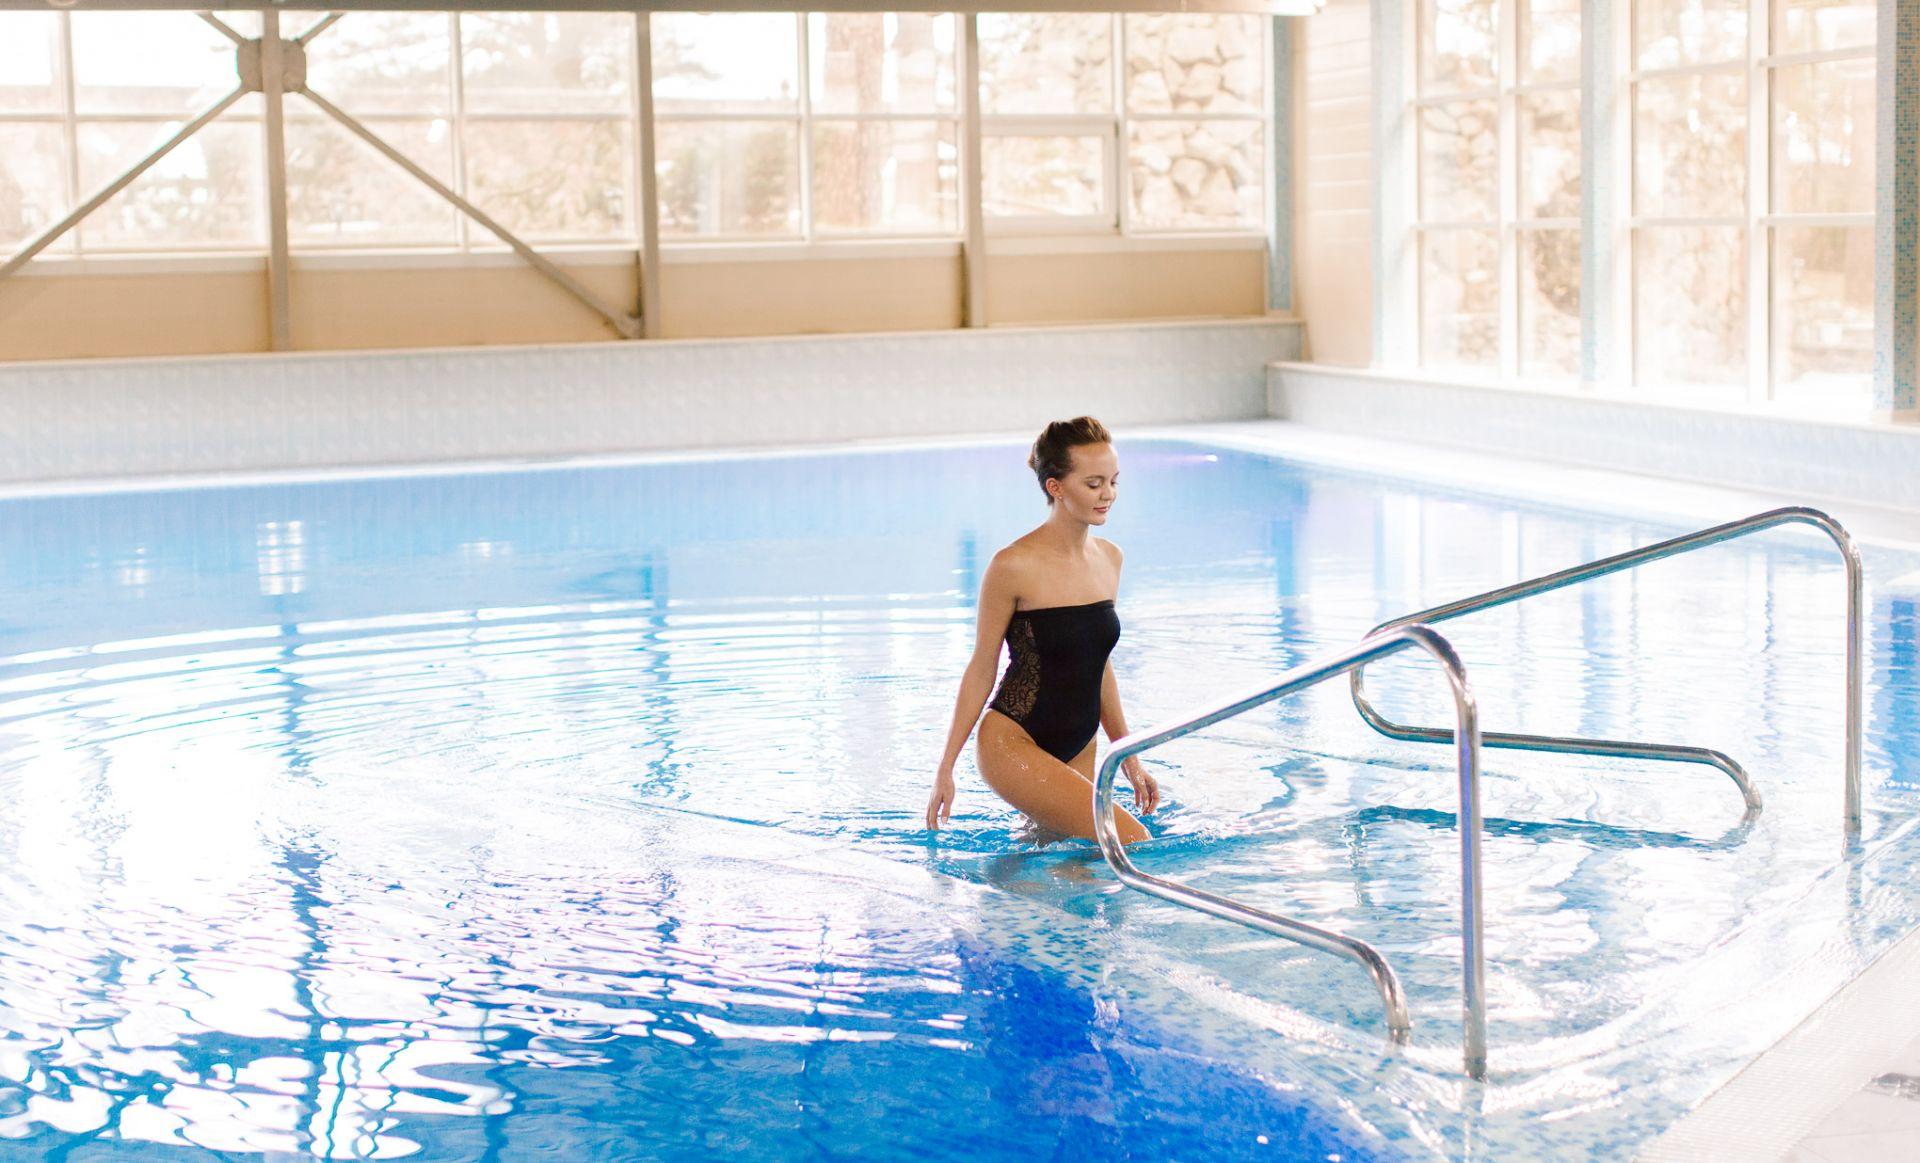 Заказать строительство бассейна в частном секторе Одессы: vashbas.com